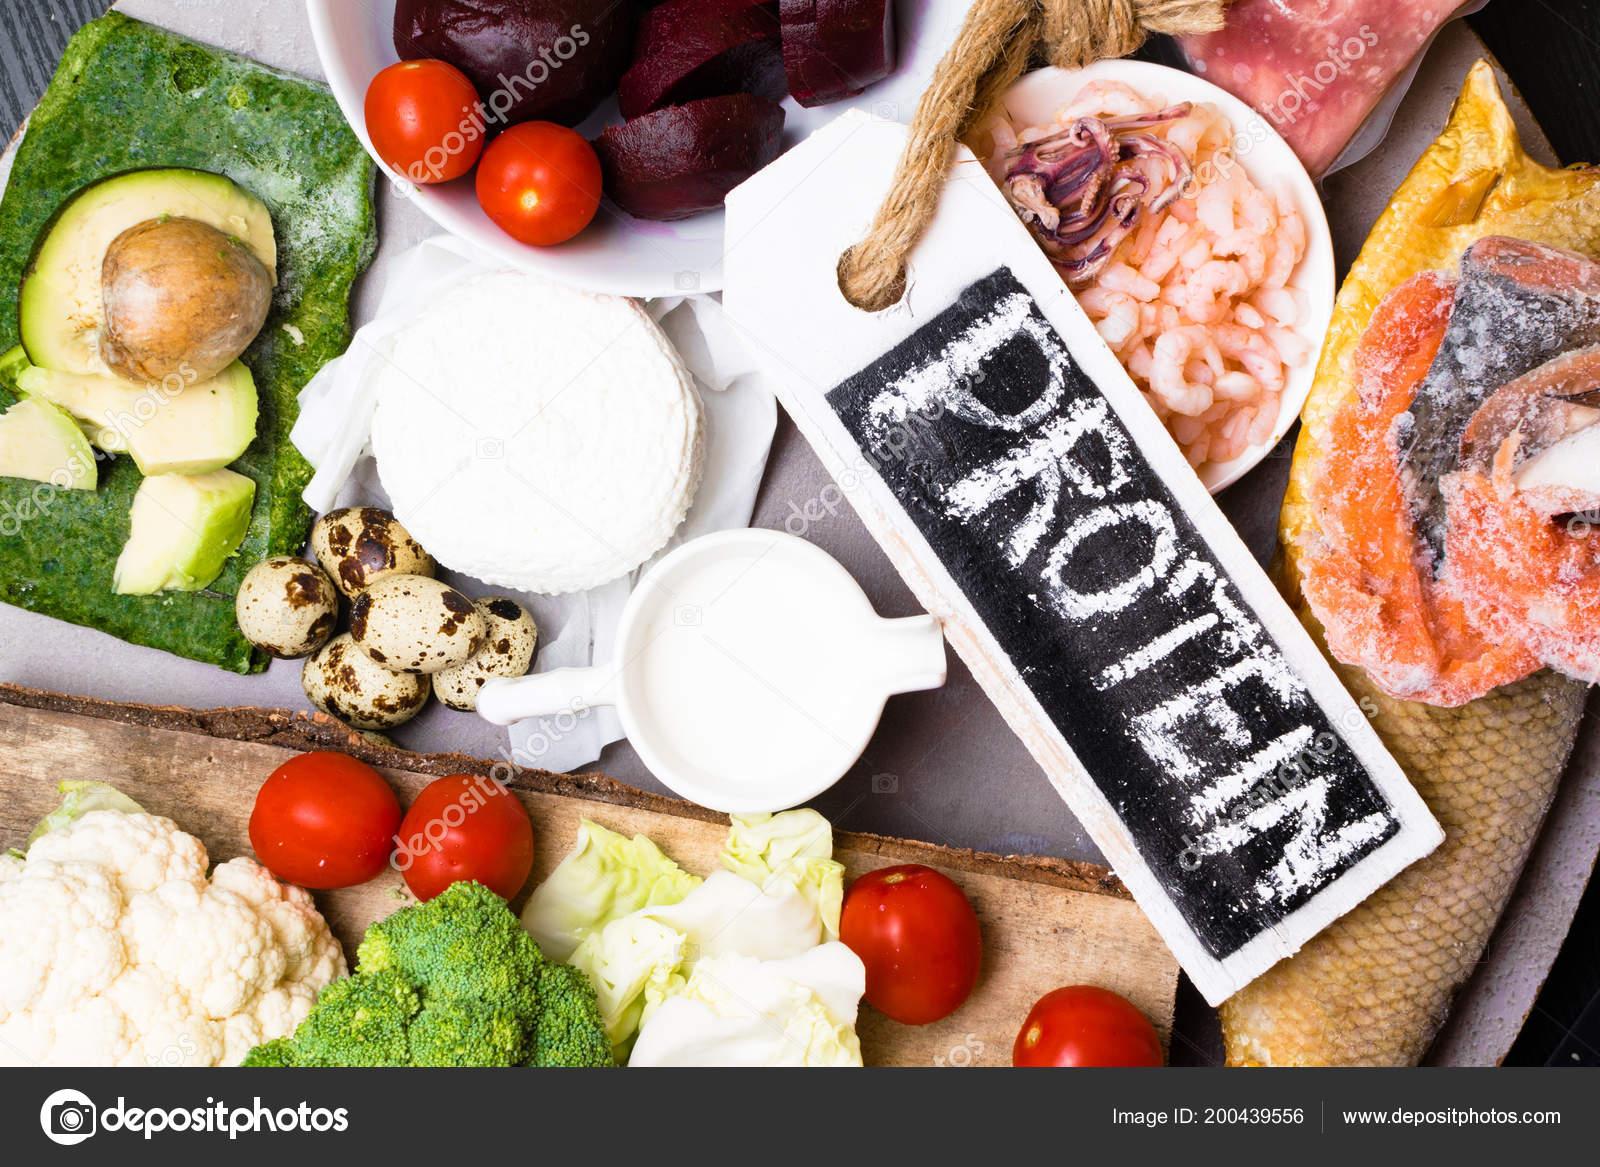 Высоким содержанием белка питание рыба, мясо, птицу, орехи, яйца.